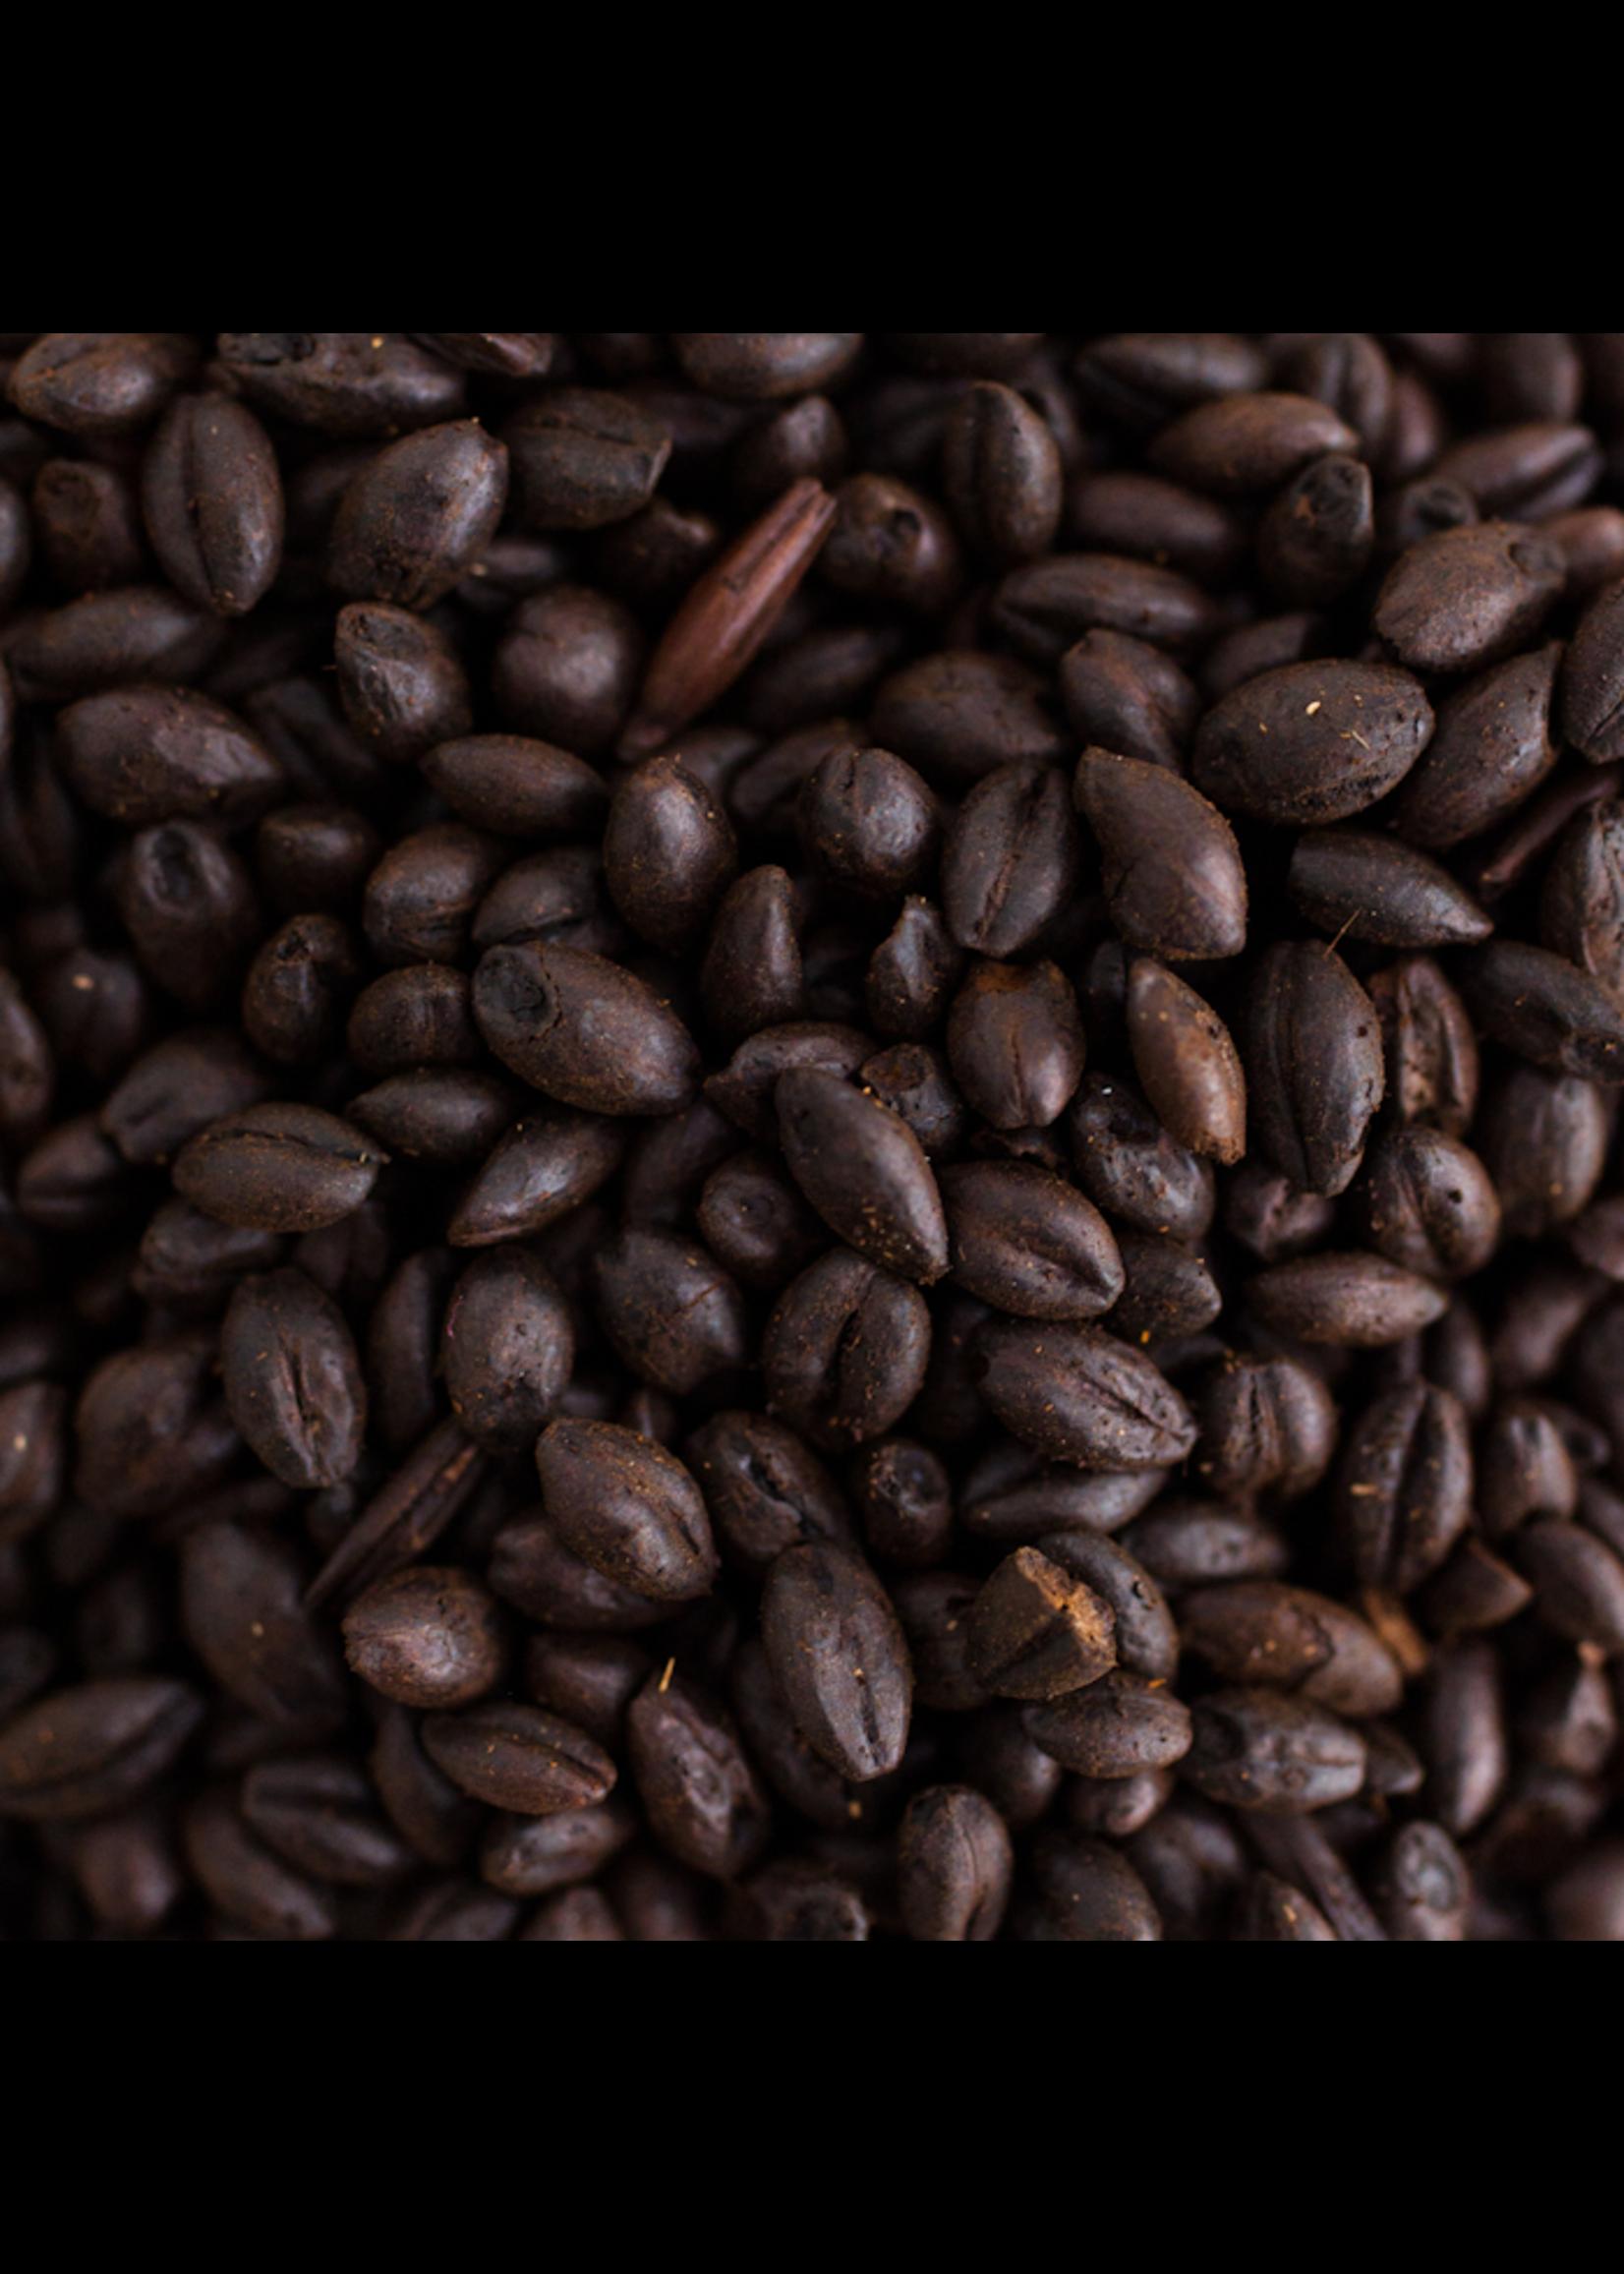 Grain Briess 2-Row Chocolate Malt - D47 - 1 LB